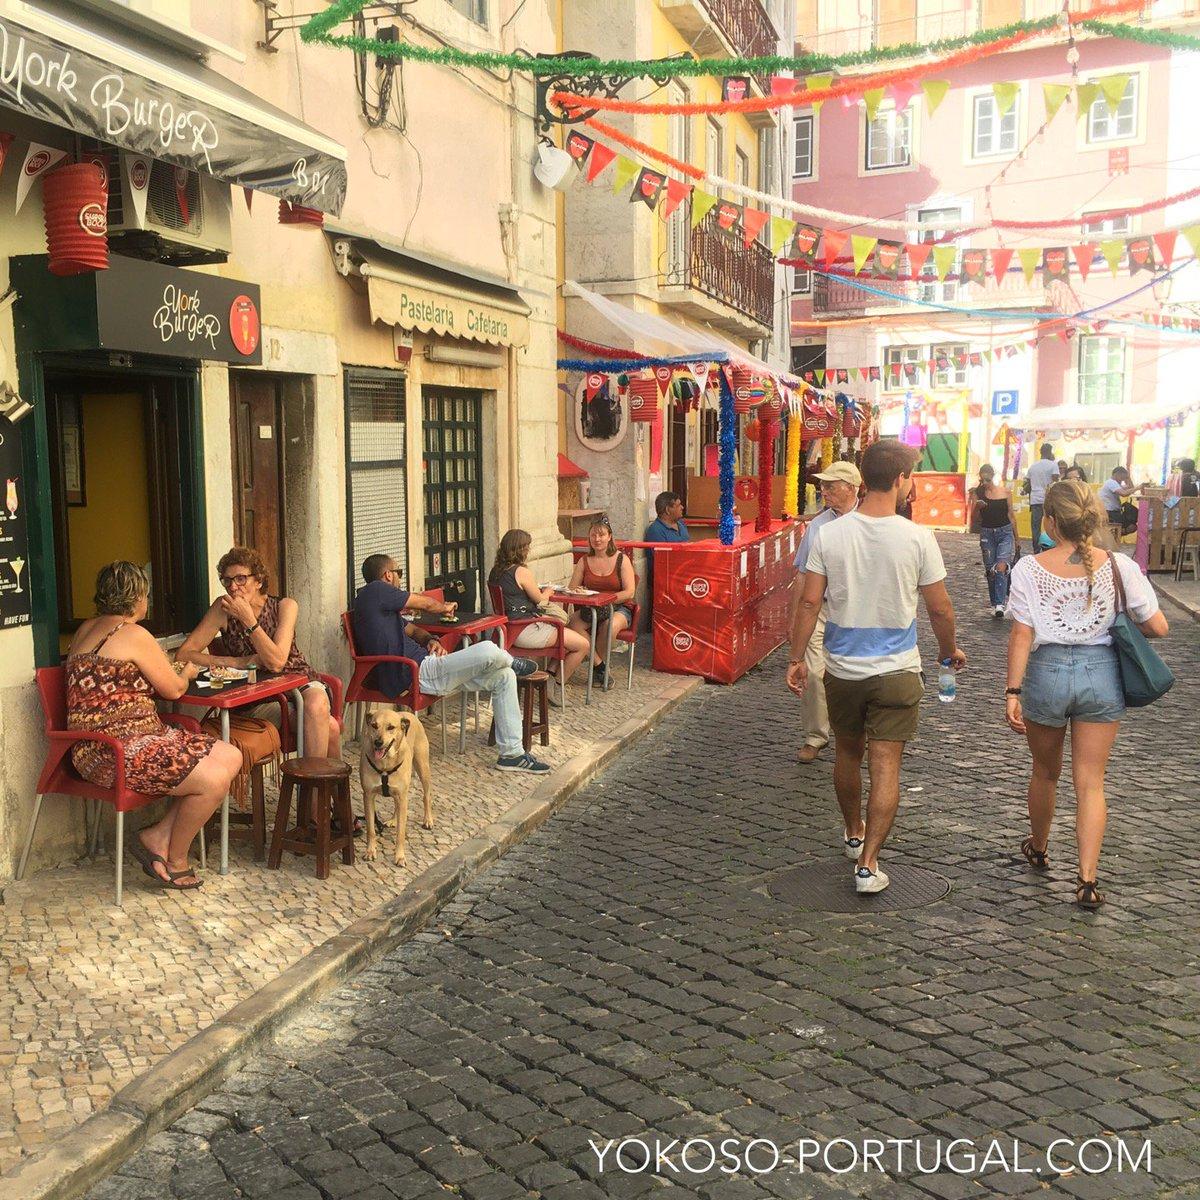 test ツイッターメディア - リスボン、アルファマ地区の初夏のポルトガル名物かたつむりのおいしいお店。 (@ York Burger in Lisbon) https://t.co/dPYqQFwD63 https://t.co/gLJz1Iy3Ny